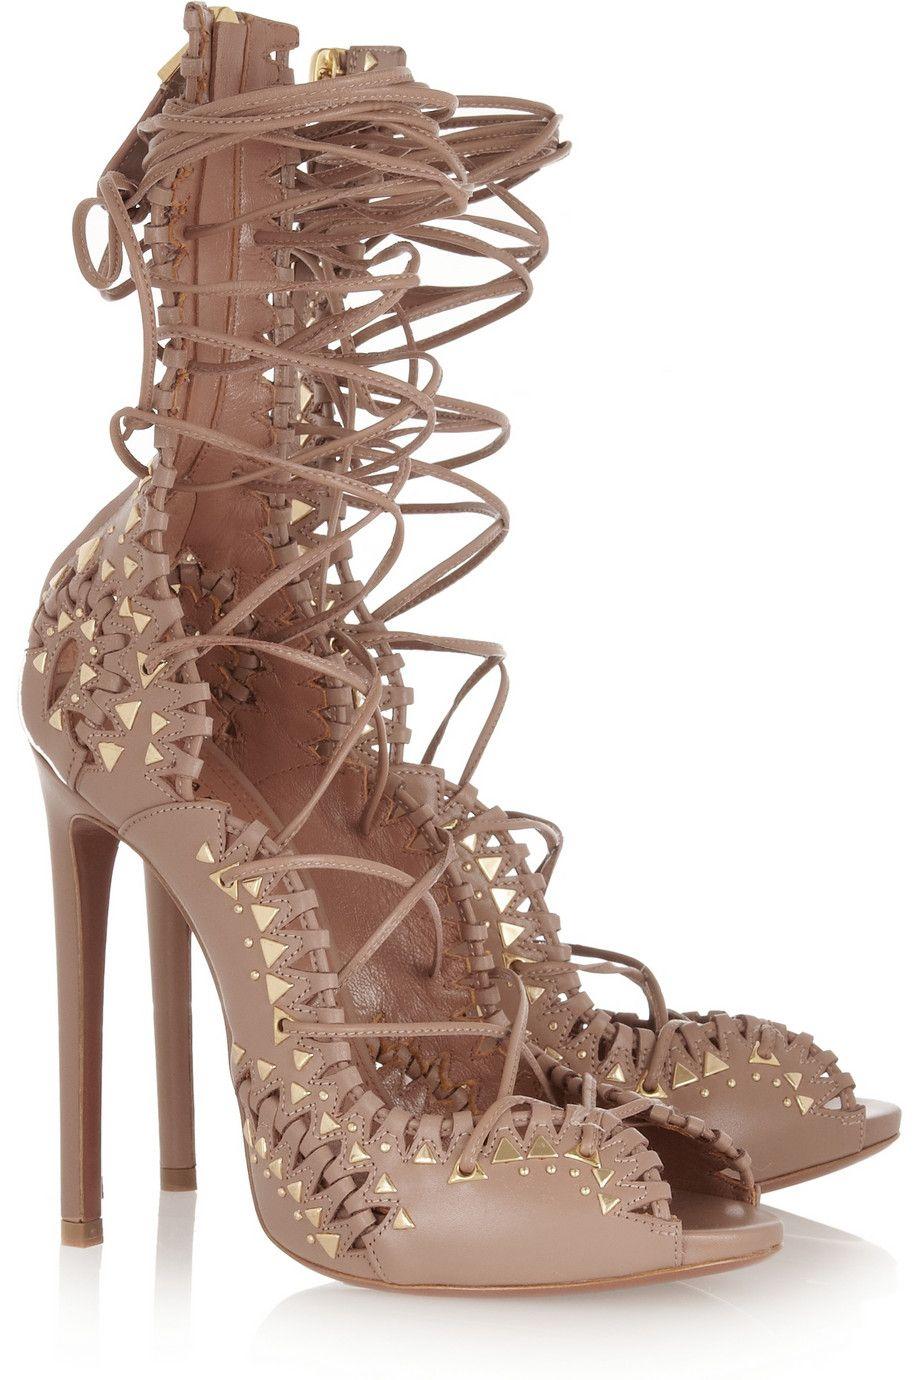 FOOTWEAR - Lace-up shoes Alaia bJPXP180C0